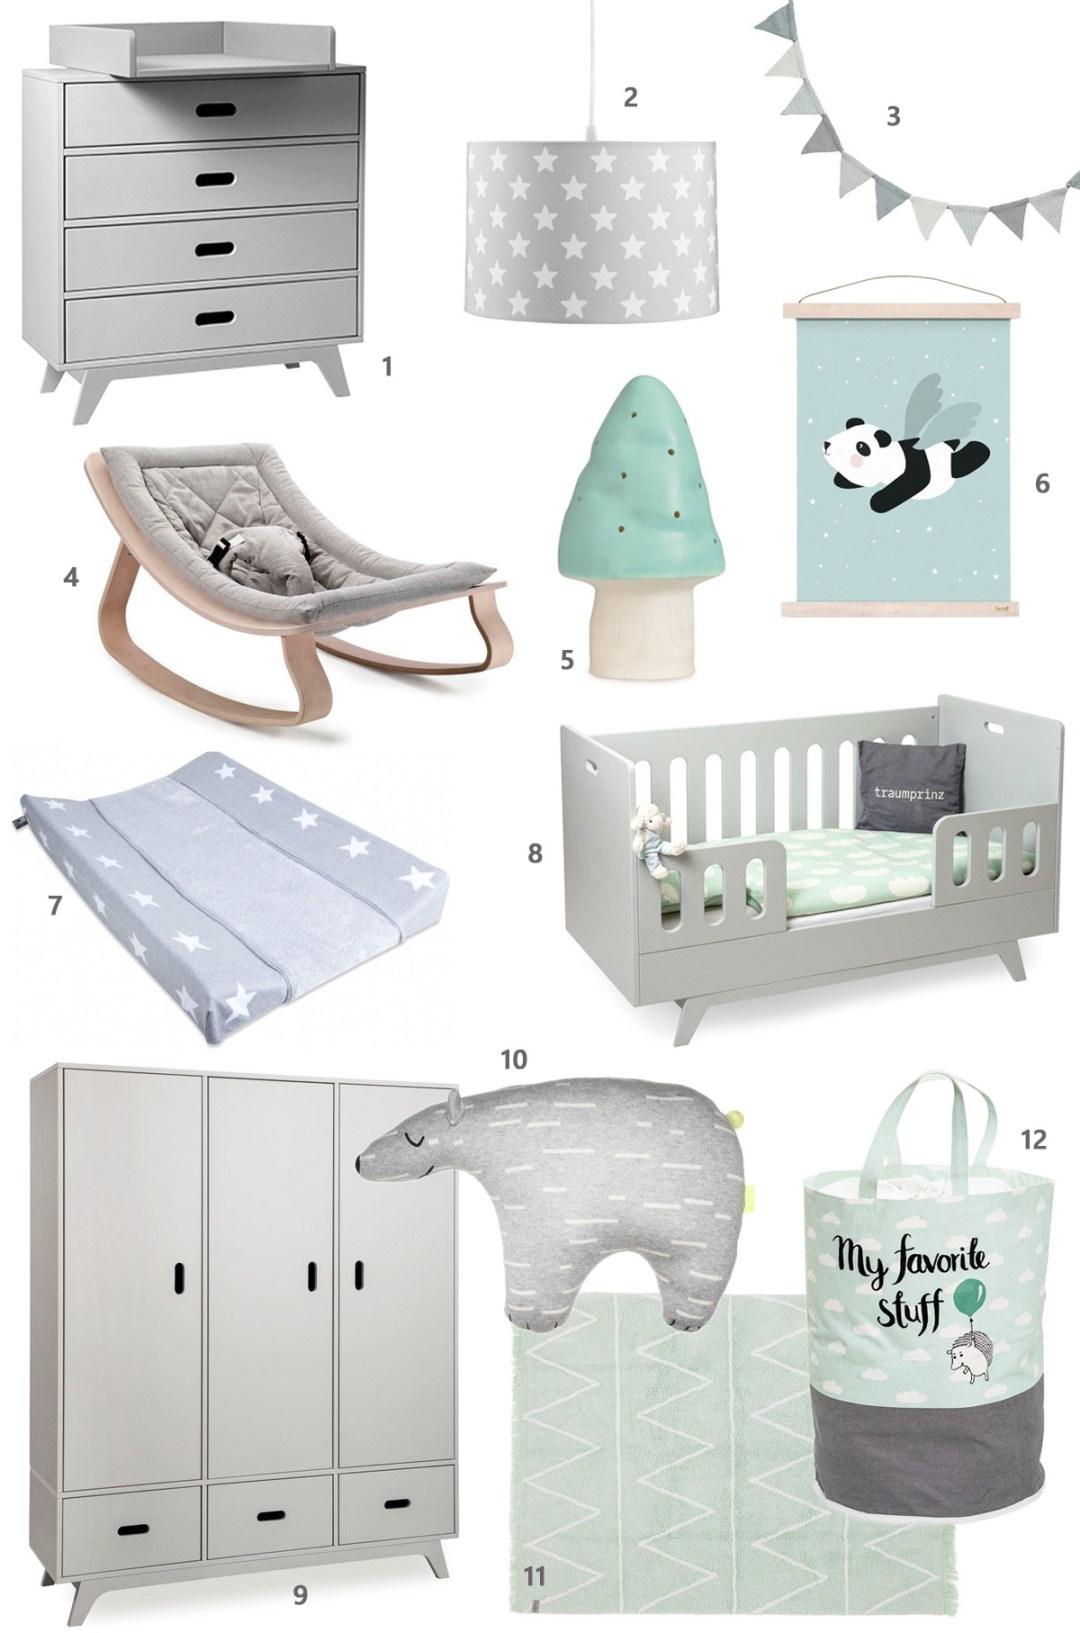 Mini & Stil, Mama Blog Schweiz, Familien Blog, Baby Blog, Snowflake Kindermöbel, Kinderzimmer, Babyzimmer, Baby Erstausstattung, mint